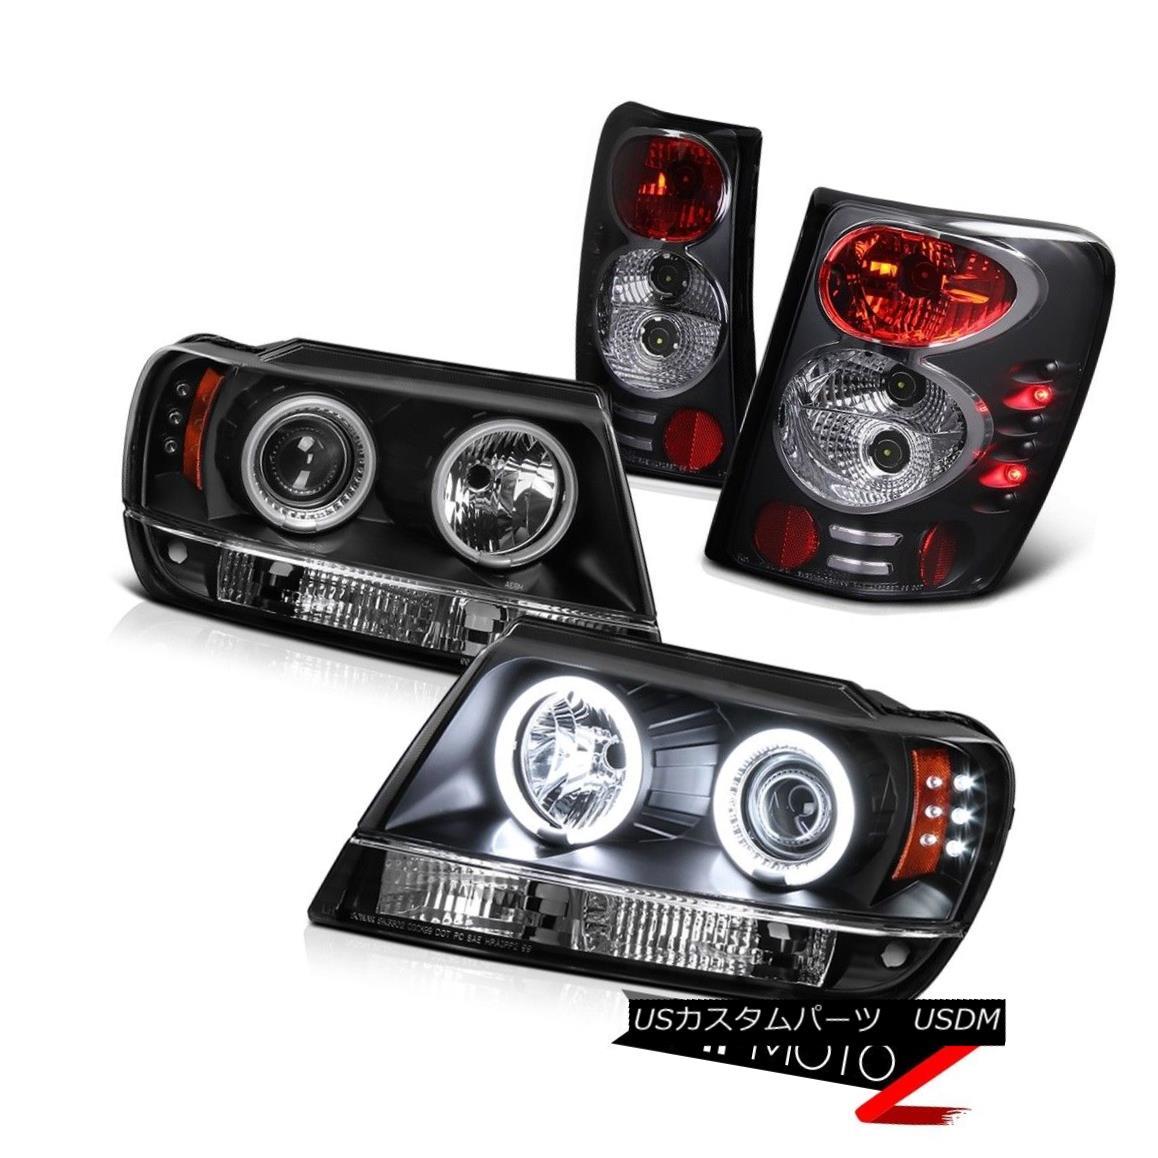 テールライト L+R CCFL Halo Projector LED Black Headlight+Tail Lamp 99-03 Jeep Grad Cherokee L + R CCFLハロープロジェクターLEDブラックヘッドライト+テールランプ99-03ジープグランドチェロキー